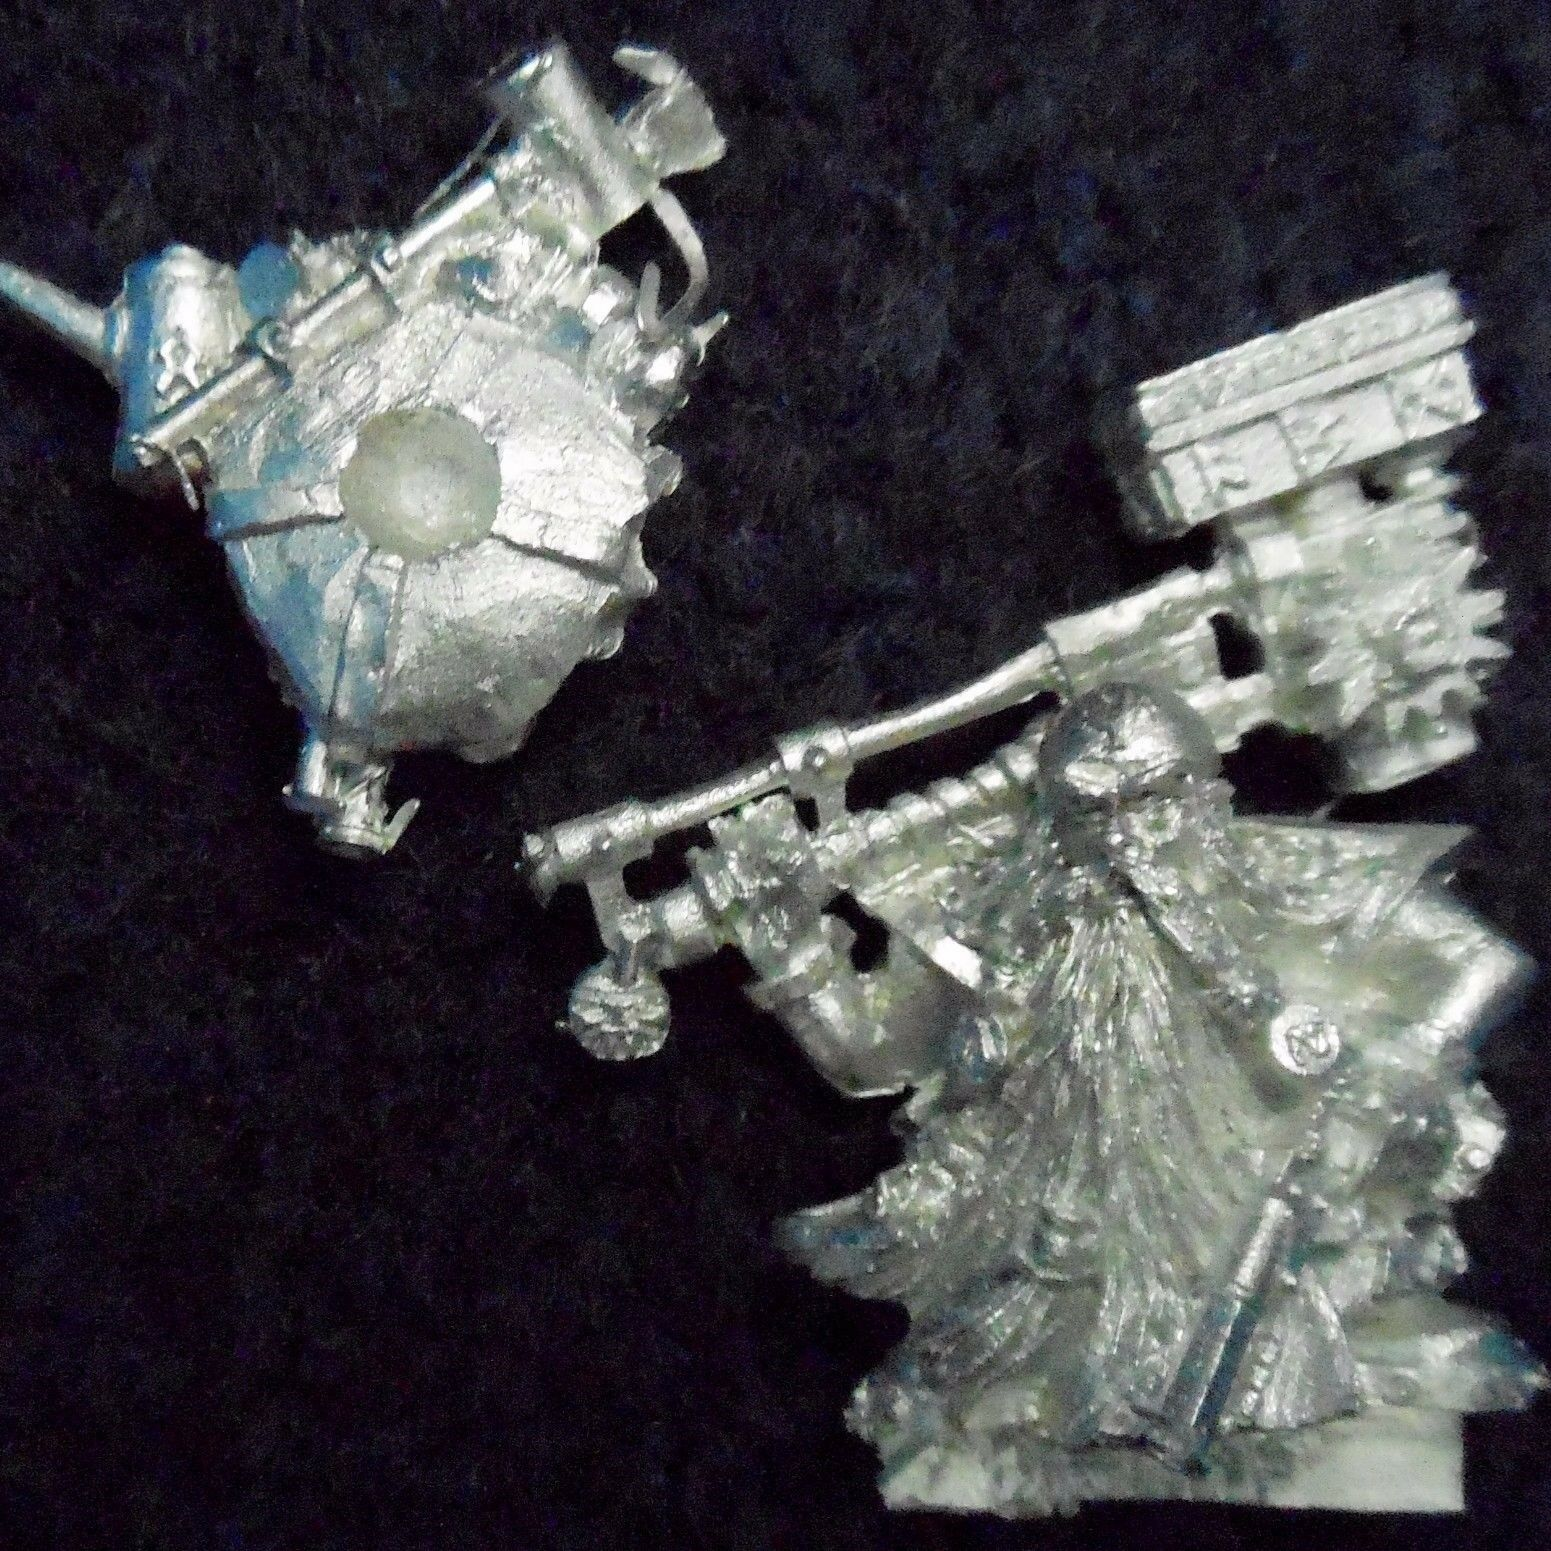 2005 Nano ingegnere Master con gree  Arma giocos lavoronegozio WARHAMMER Esercito Miner  promozioni di sconto